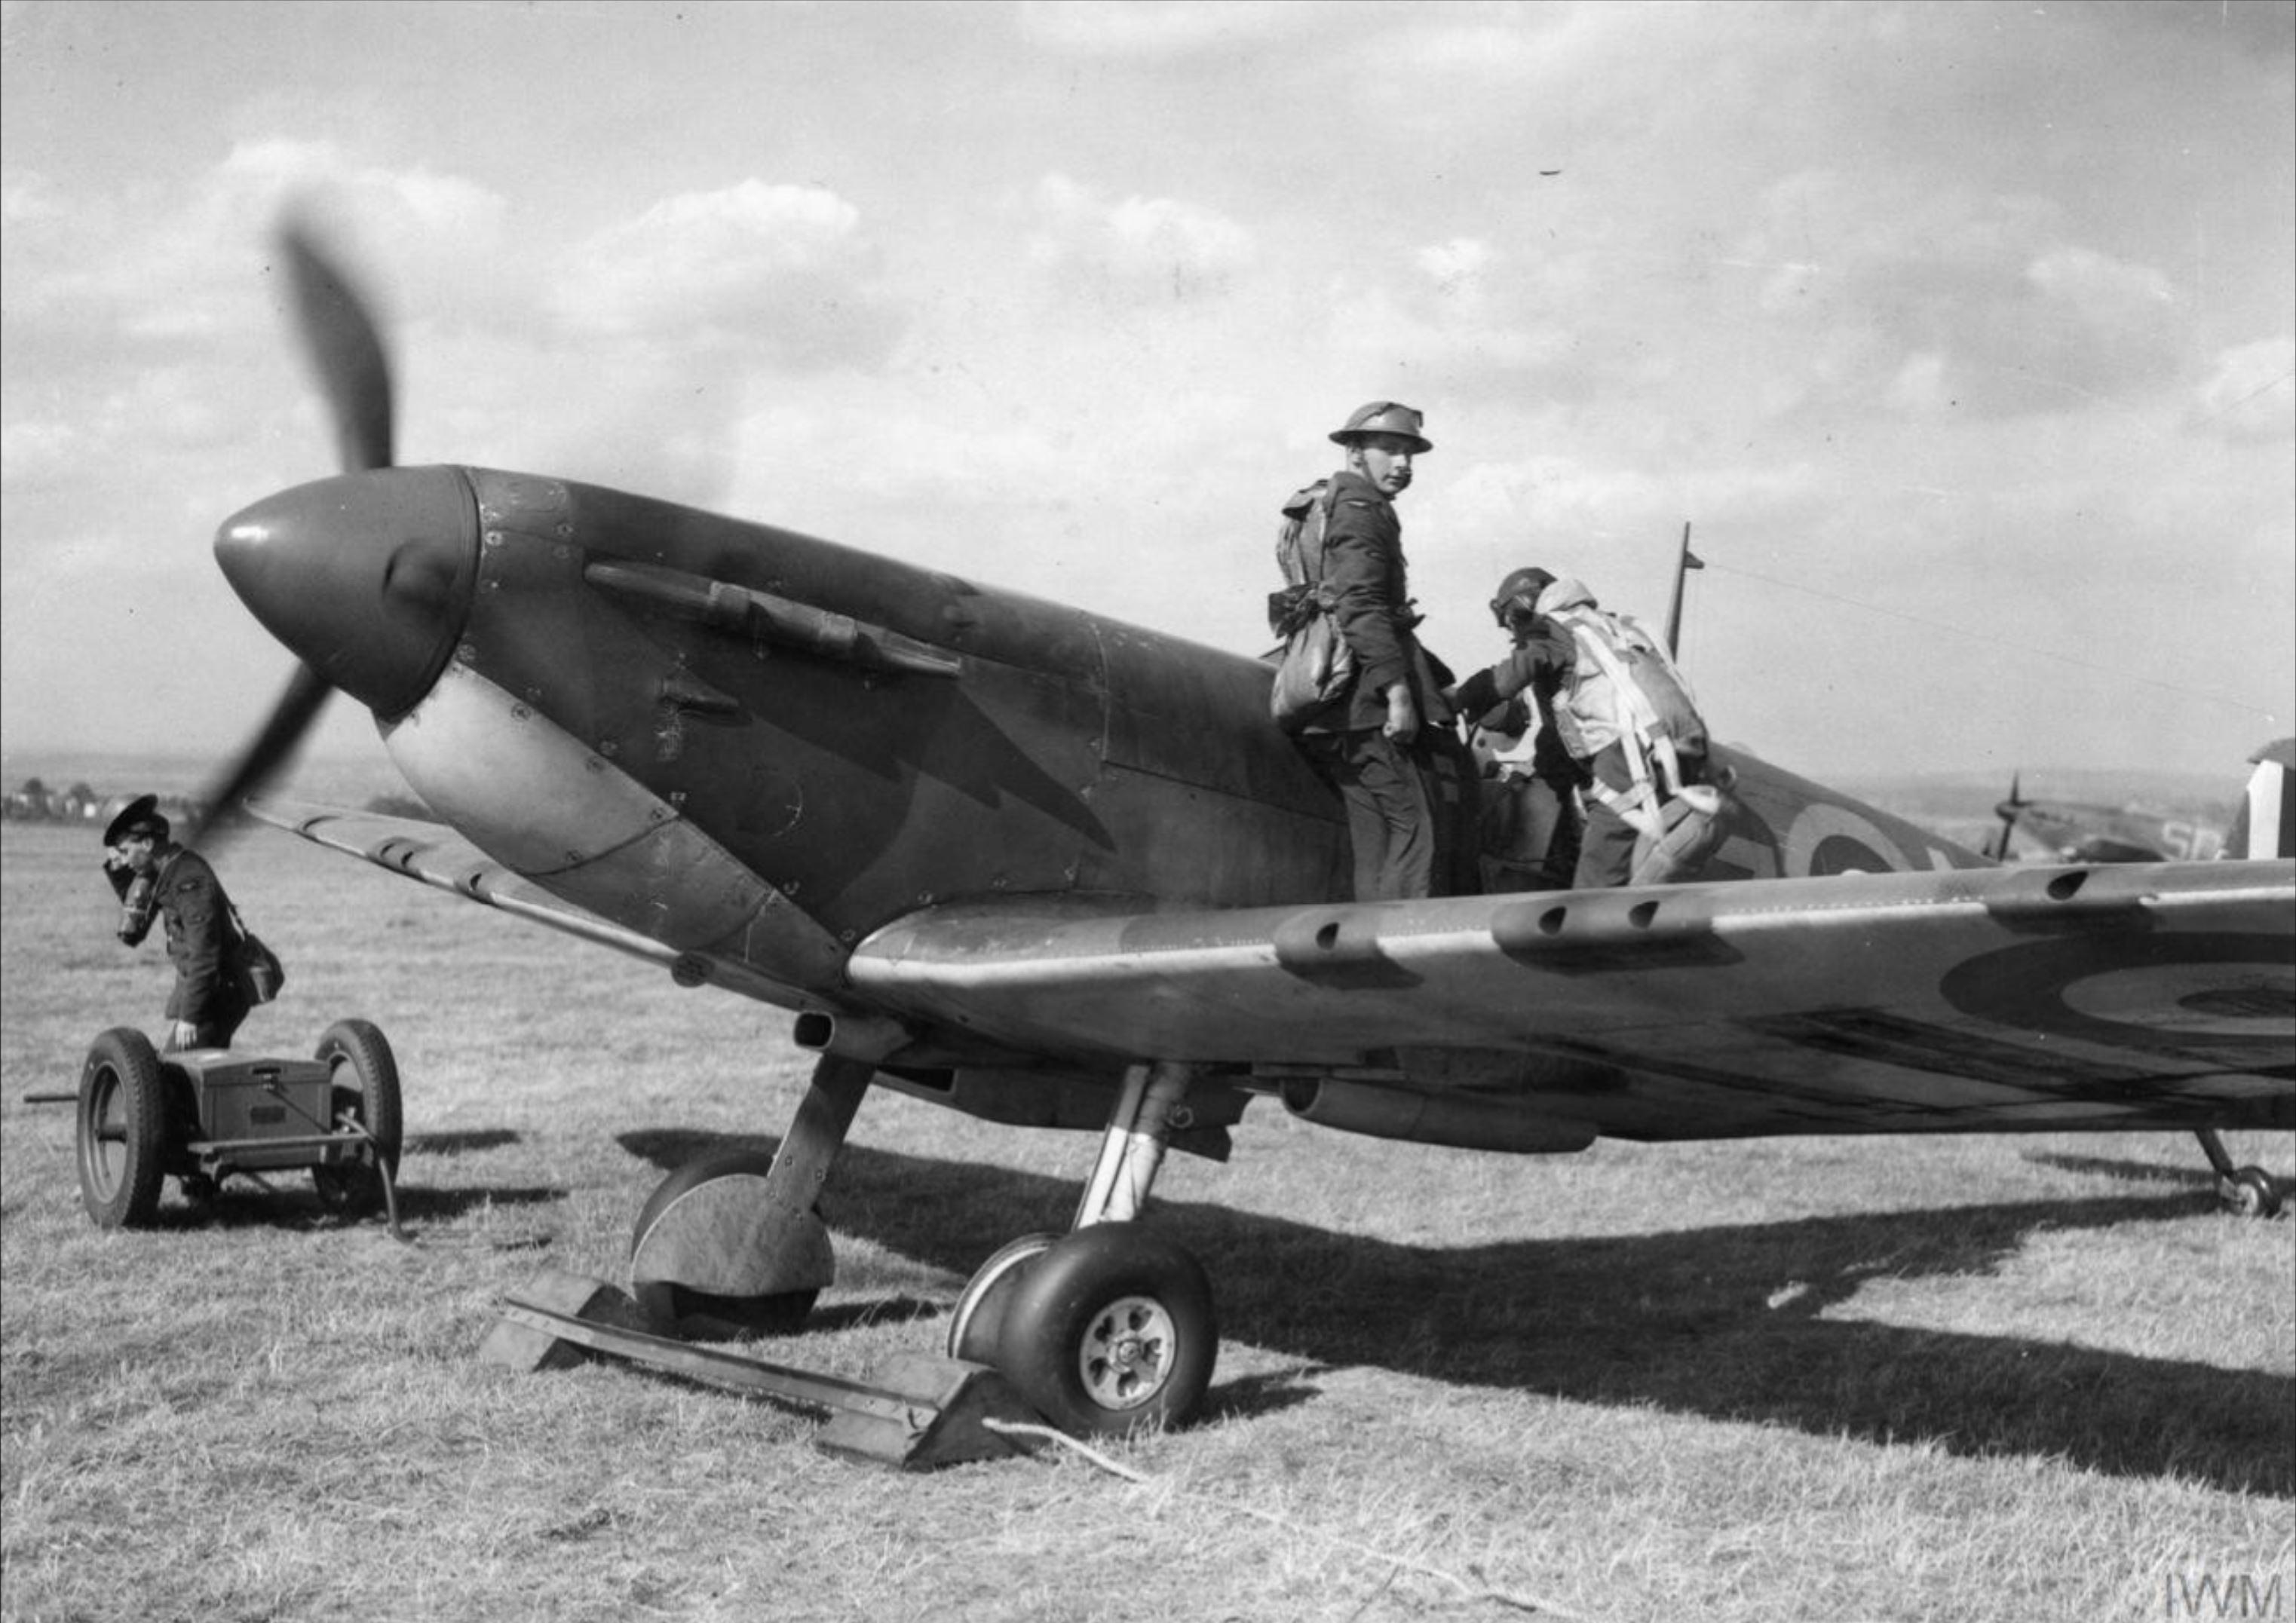 Spitfire MkIa RAF 66Sqn LZN Sqn Ldr Rupert Leigh R6800 LZN at Gravesend Sep 1940 IWM HU104504